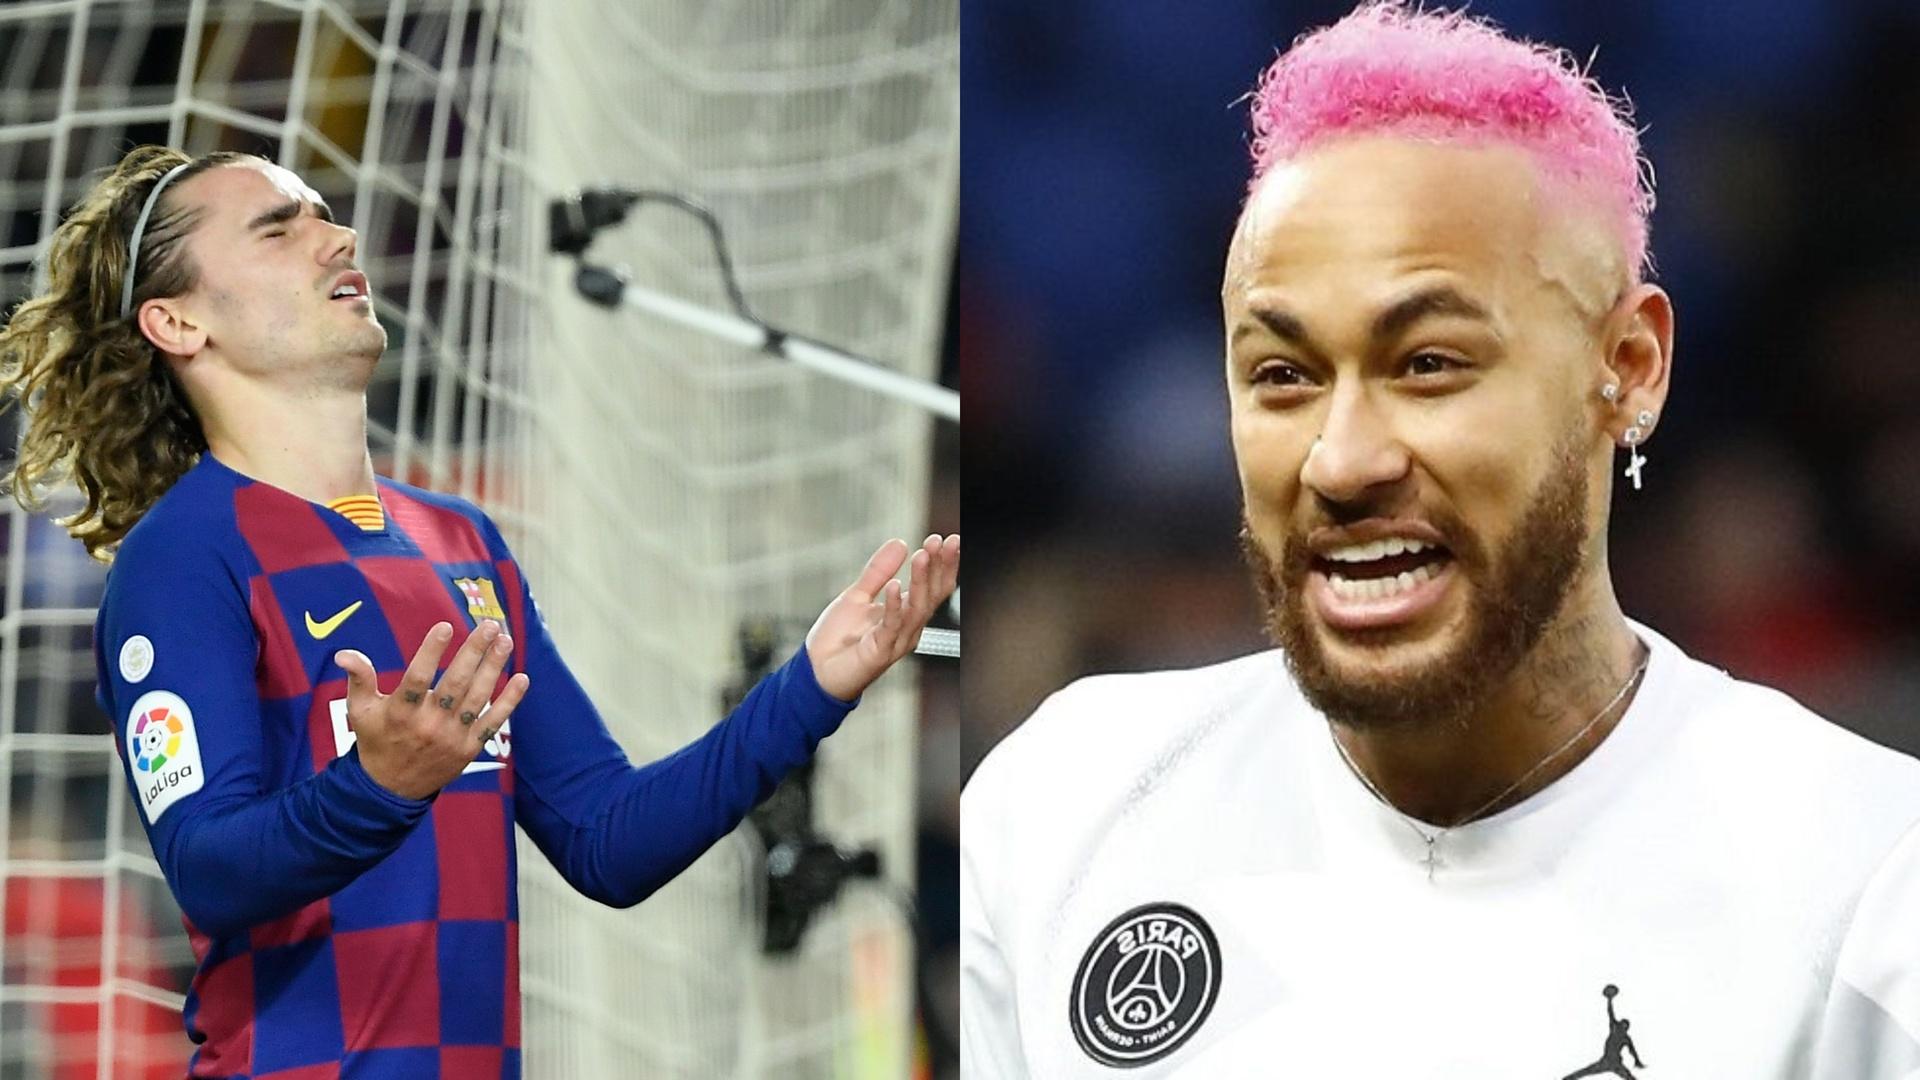 برشلونة مستعد للتضحية بغريزمان كرمى لعيون نيمار